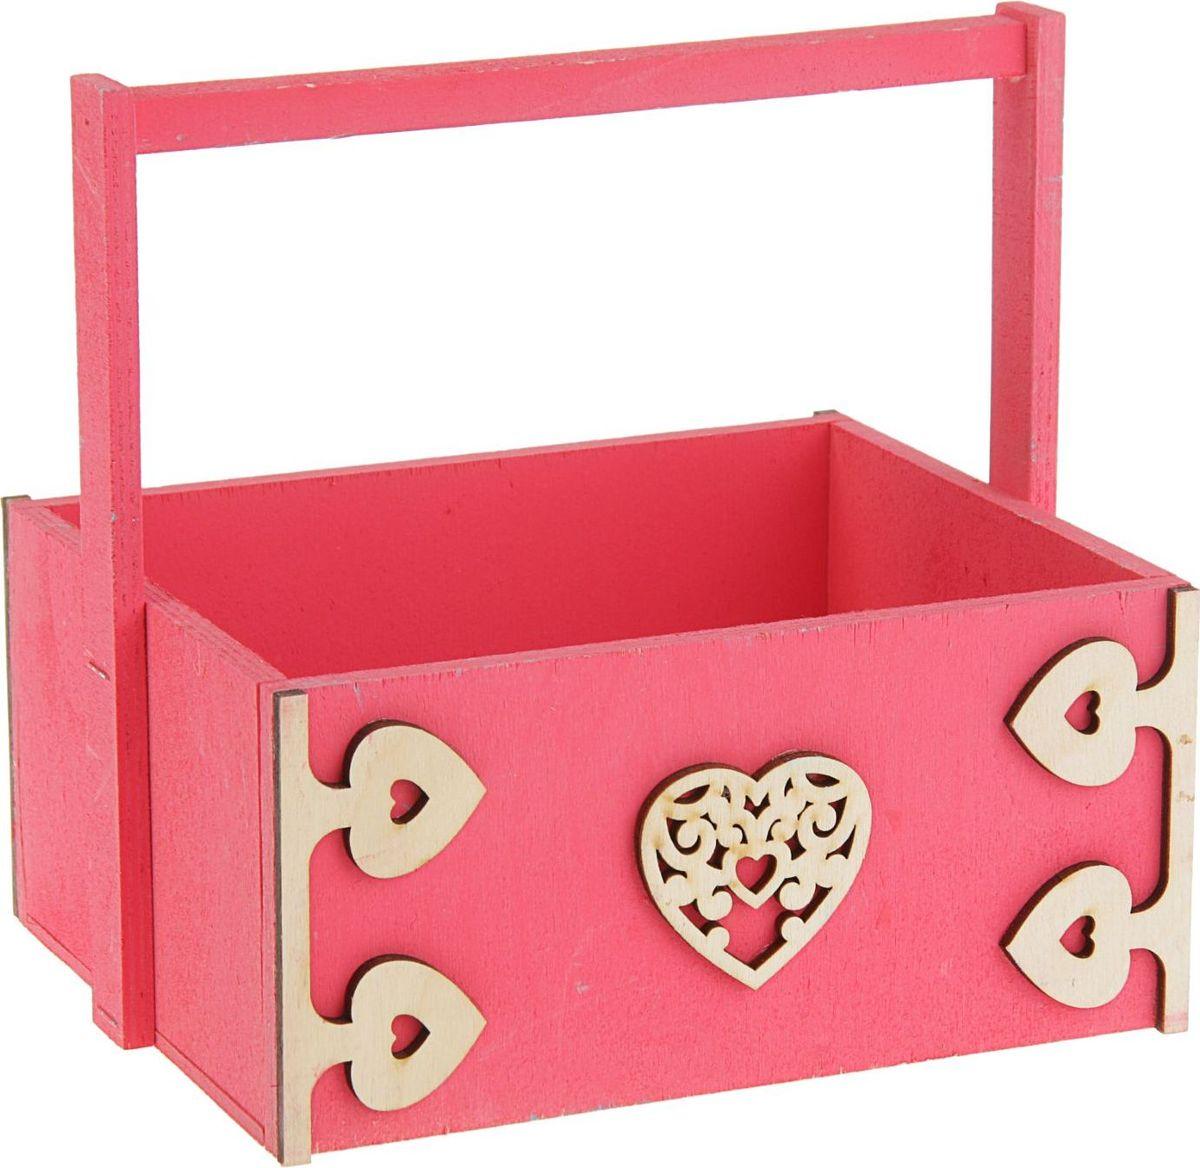 Кашпо ТД ДМ Ящик. Любовь, флористическое, 20 х 16 х 9,5 см кашпо тд дм ящик любовь флористическое 20 х 16 х 9 5 см